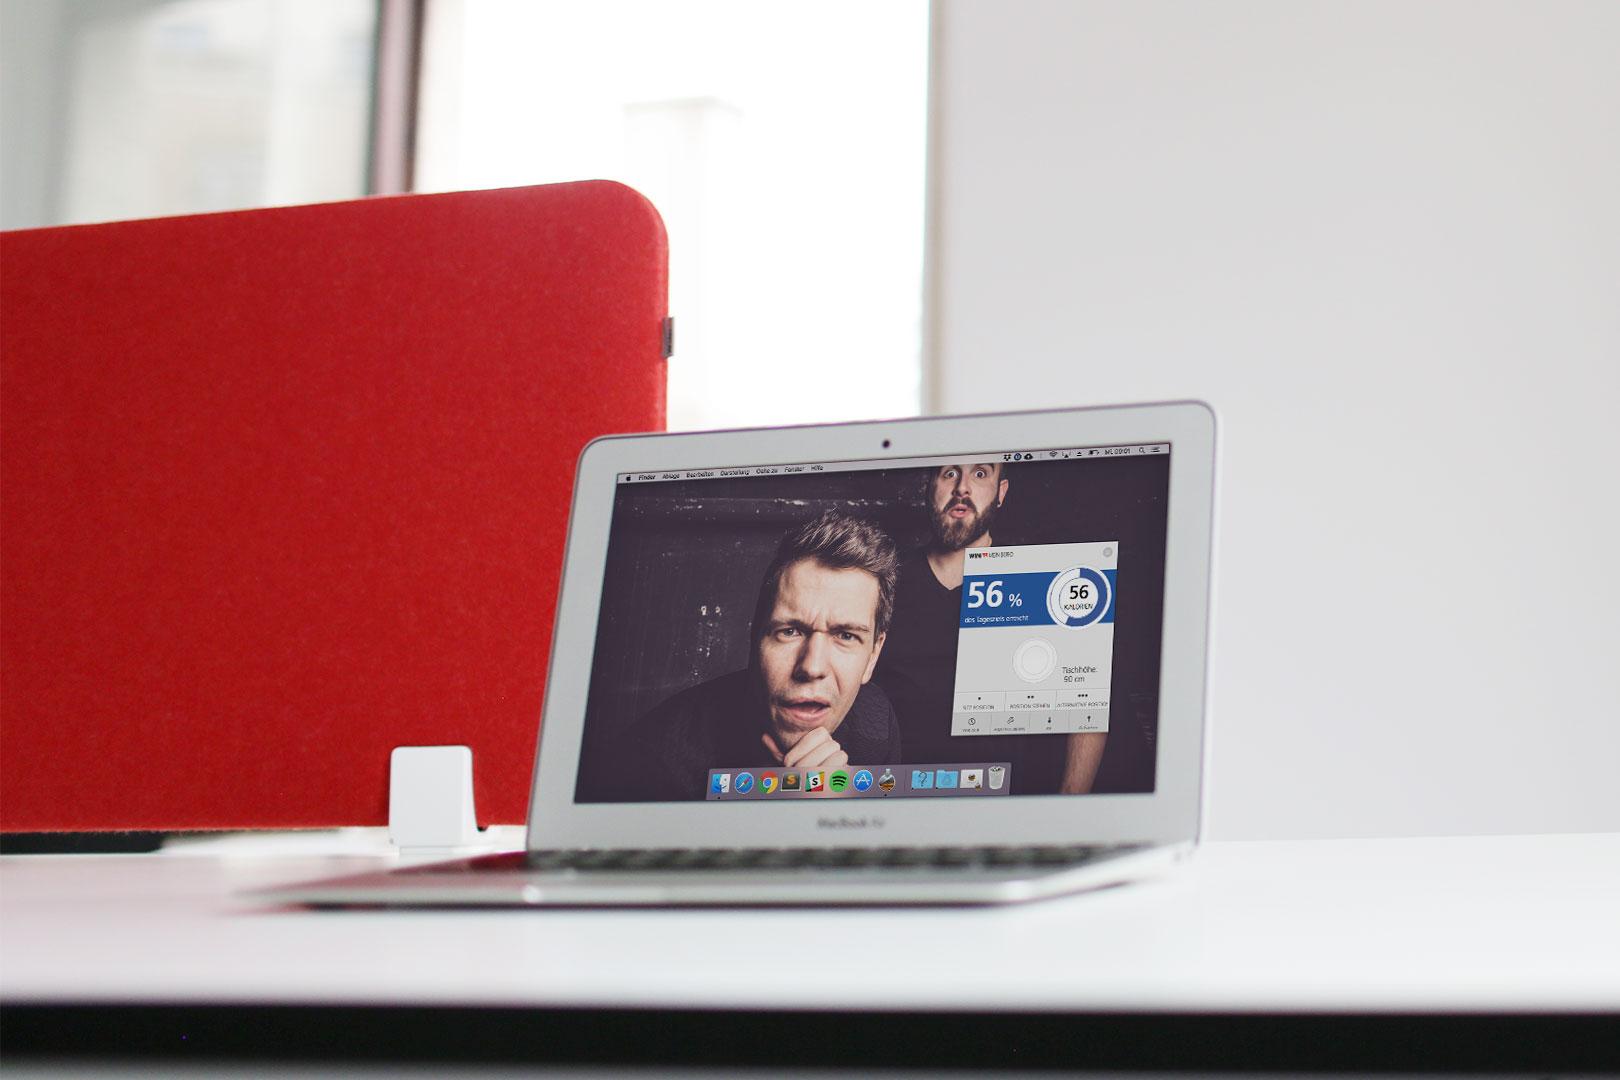 So verbessern höhenverstellbare Tische mit Desk Control deine Gesundheit